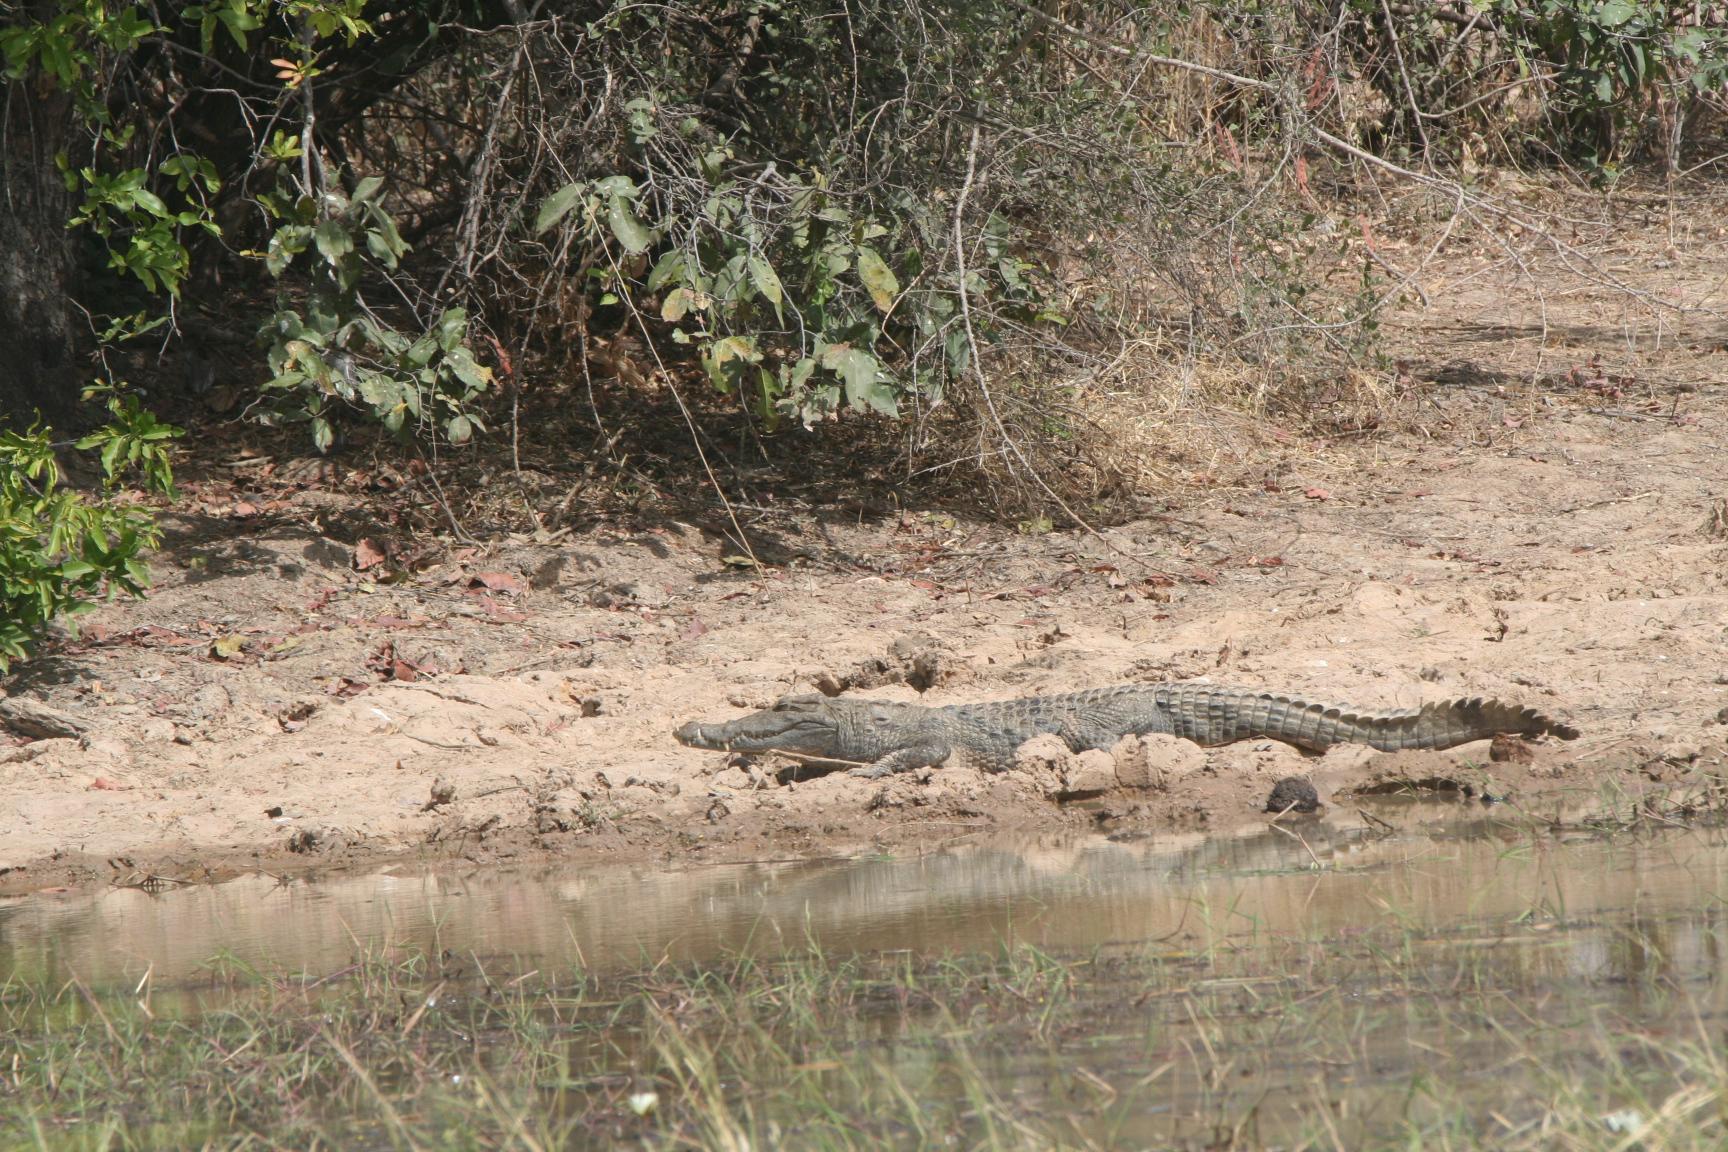 16. Krokodil